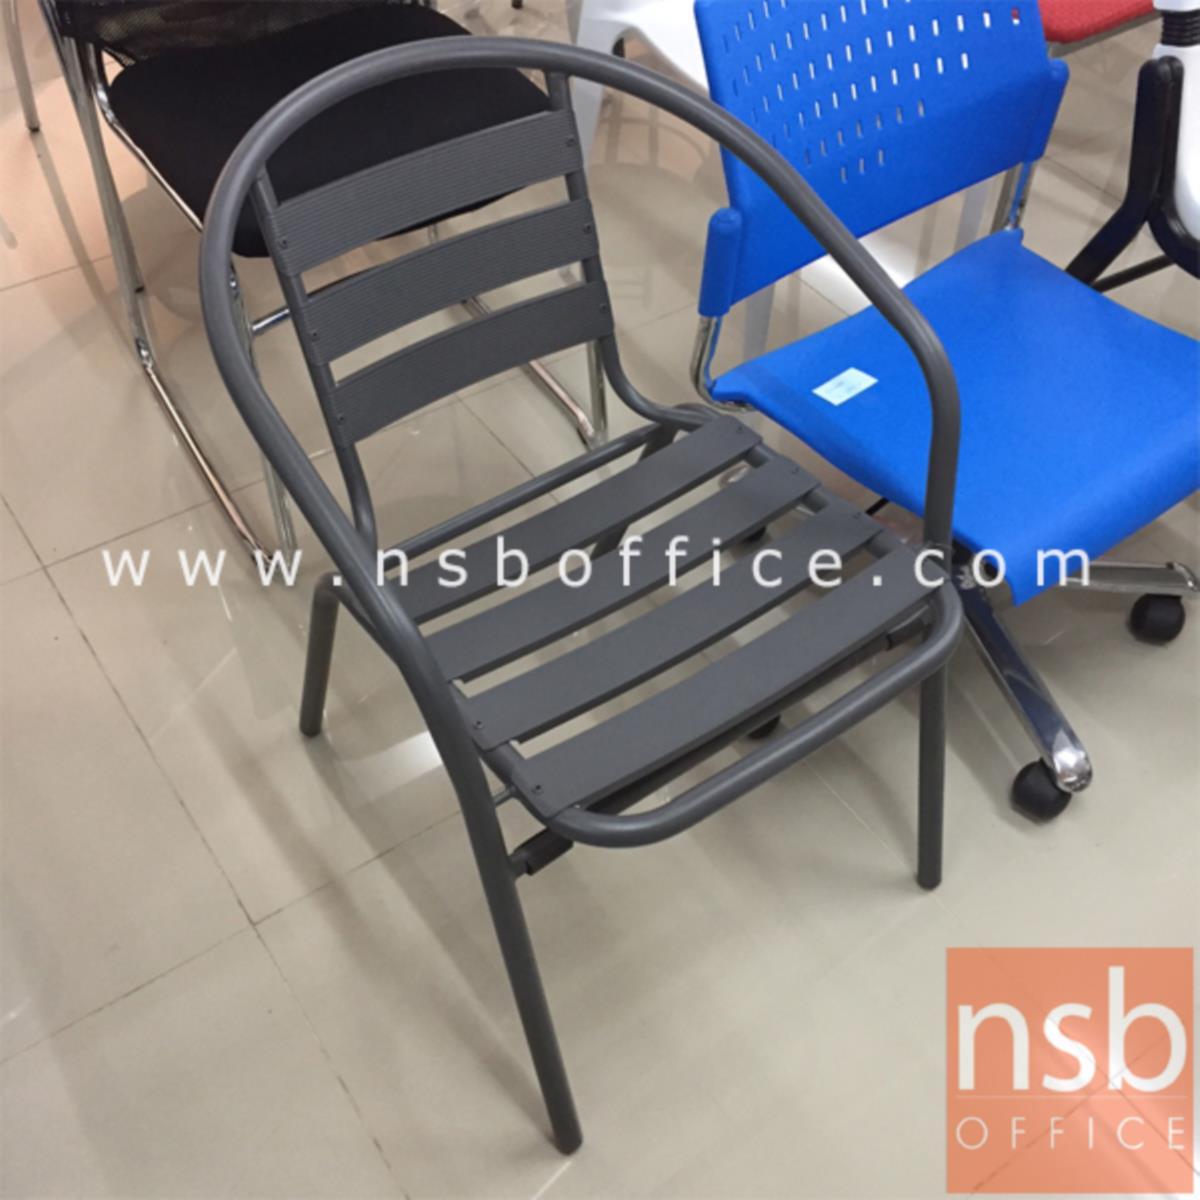 เก้าอี้สนามโครงเหล็กพ่นเทา รุ่น Folklore (โฟล์กลอร์)